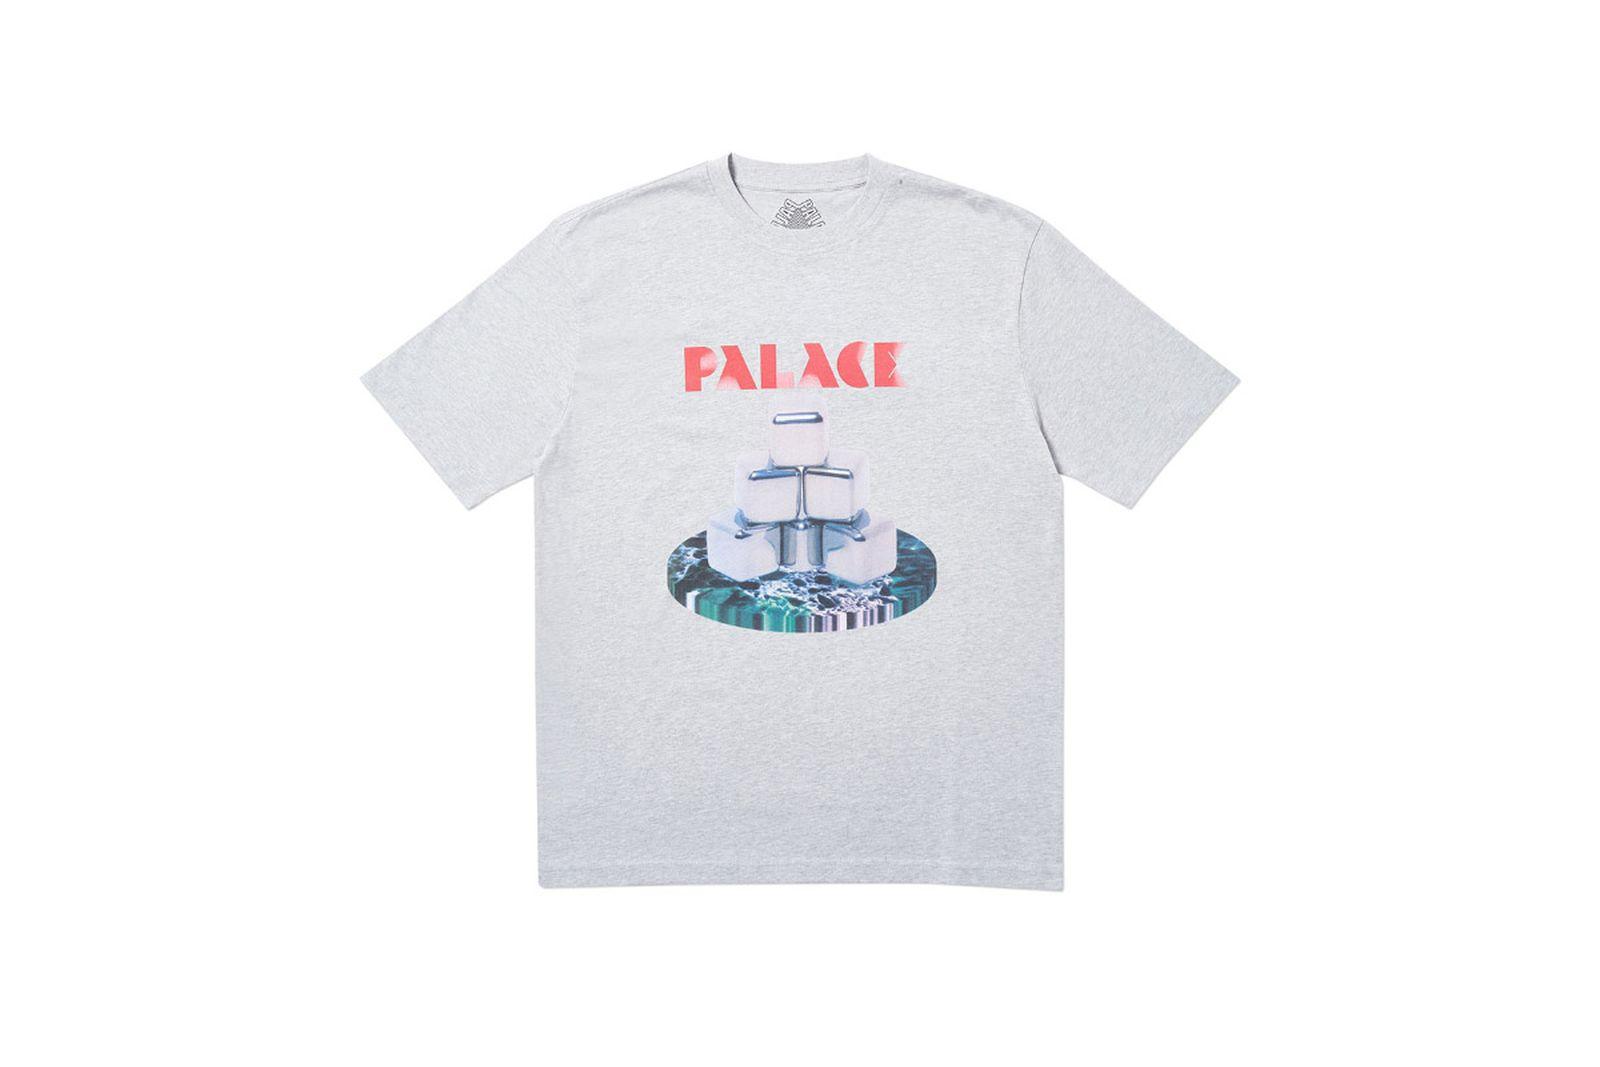 Palace 2019 Autumn T Shirt P Cubes grey marl